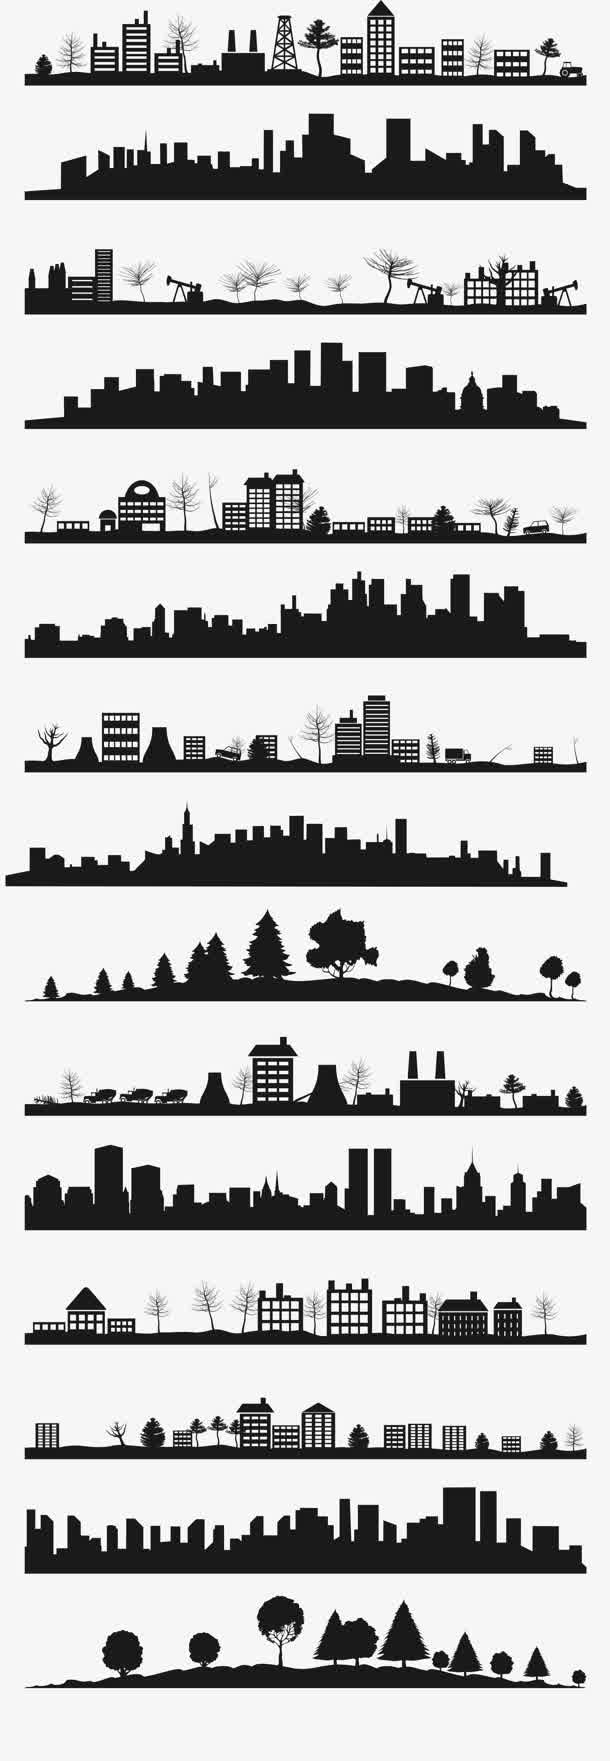 黑色城市建筑剪影大集合